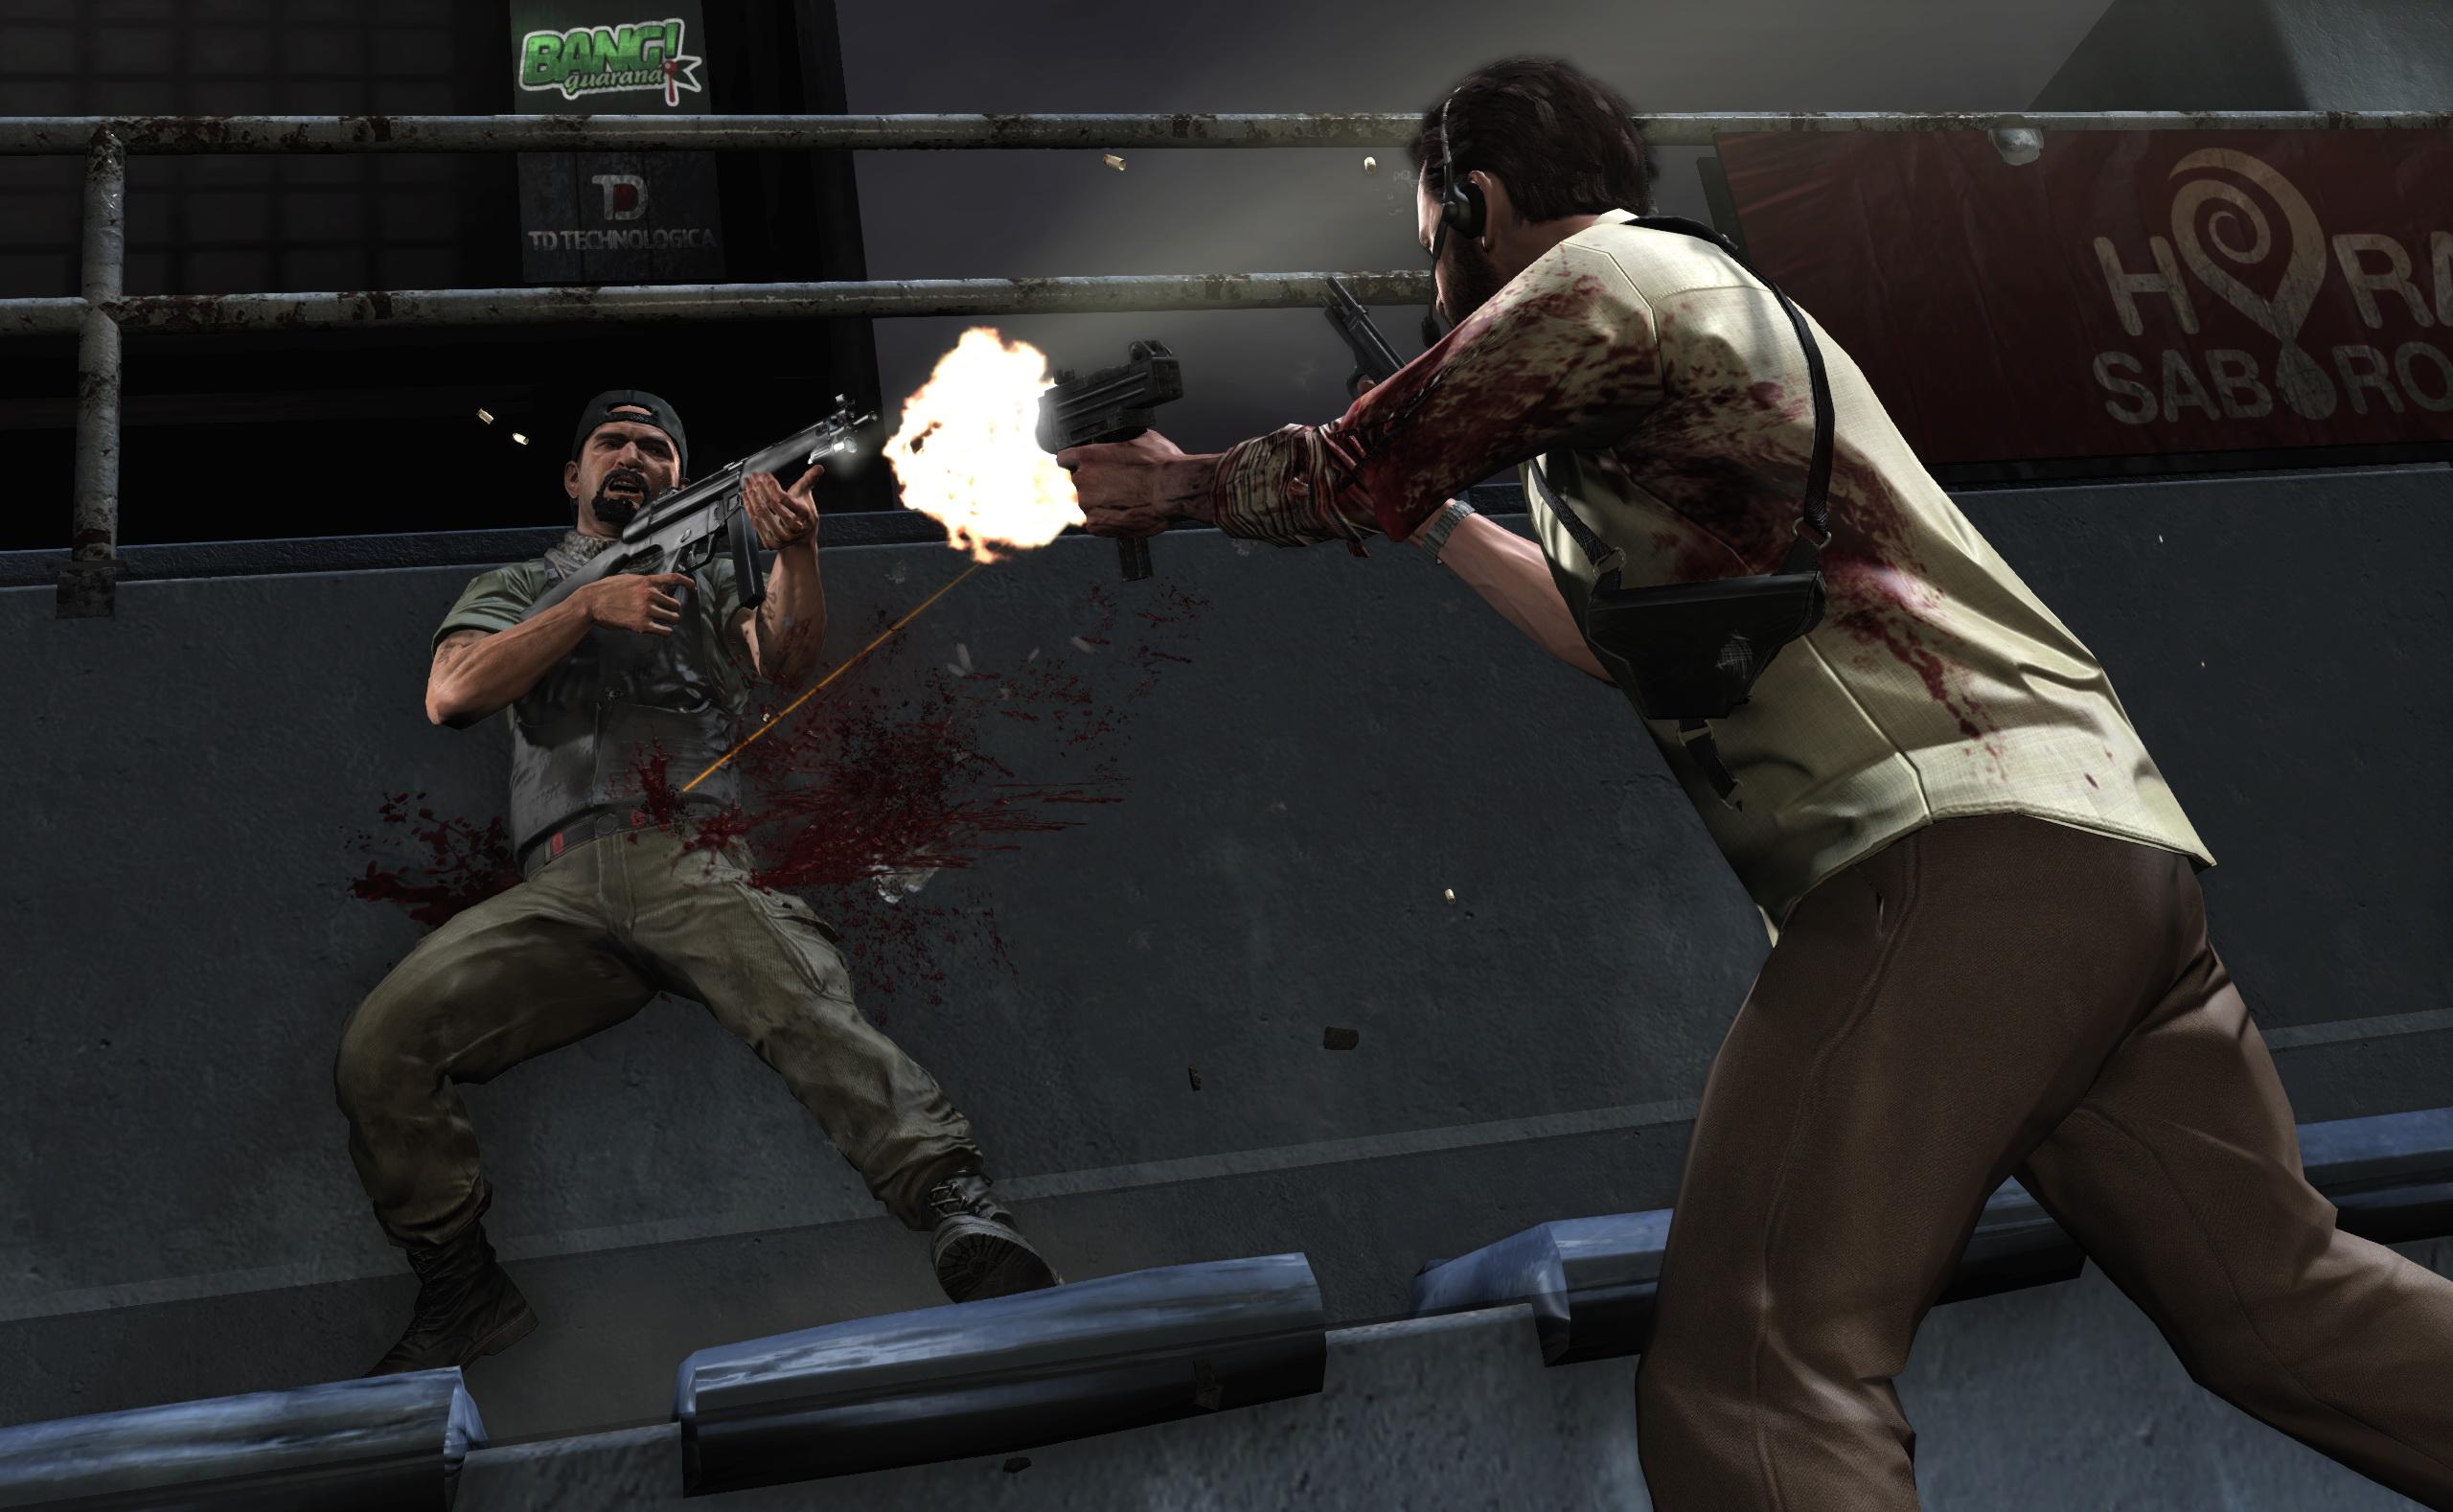 Max Payne 3 – Max bude krvácet, dokazují nové obrázky 61409